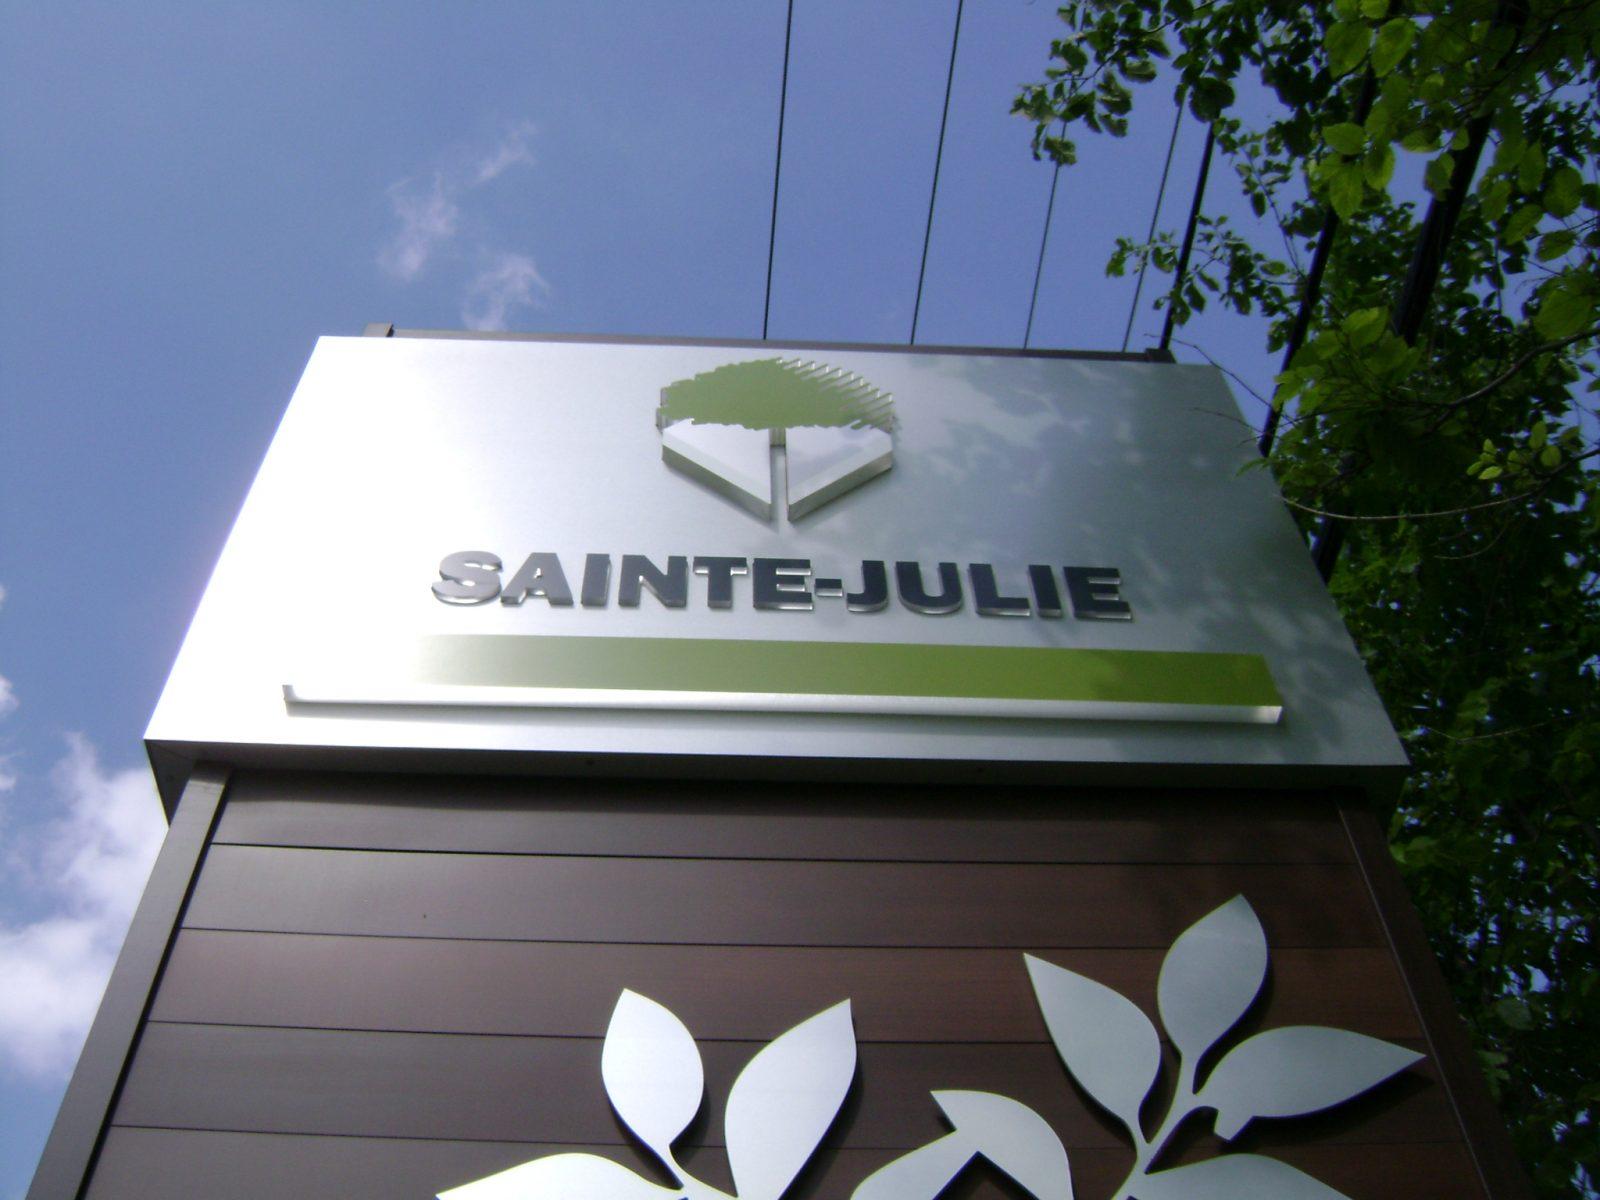 Profil financier 2019 du MAMH : Sainte-Julie est l'une des villes les mieux gérées au Québec